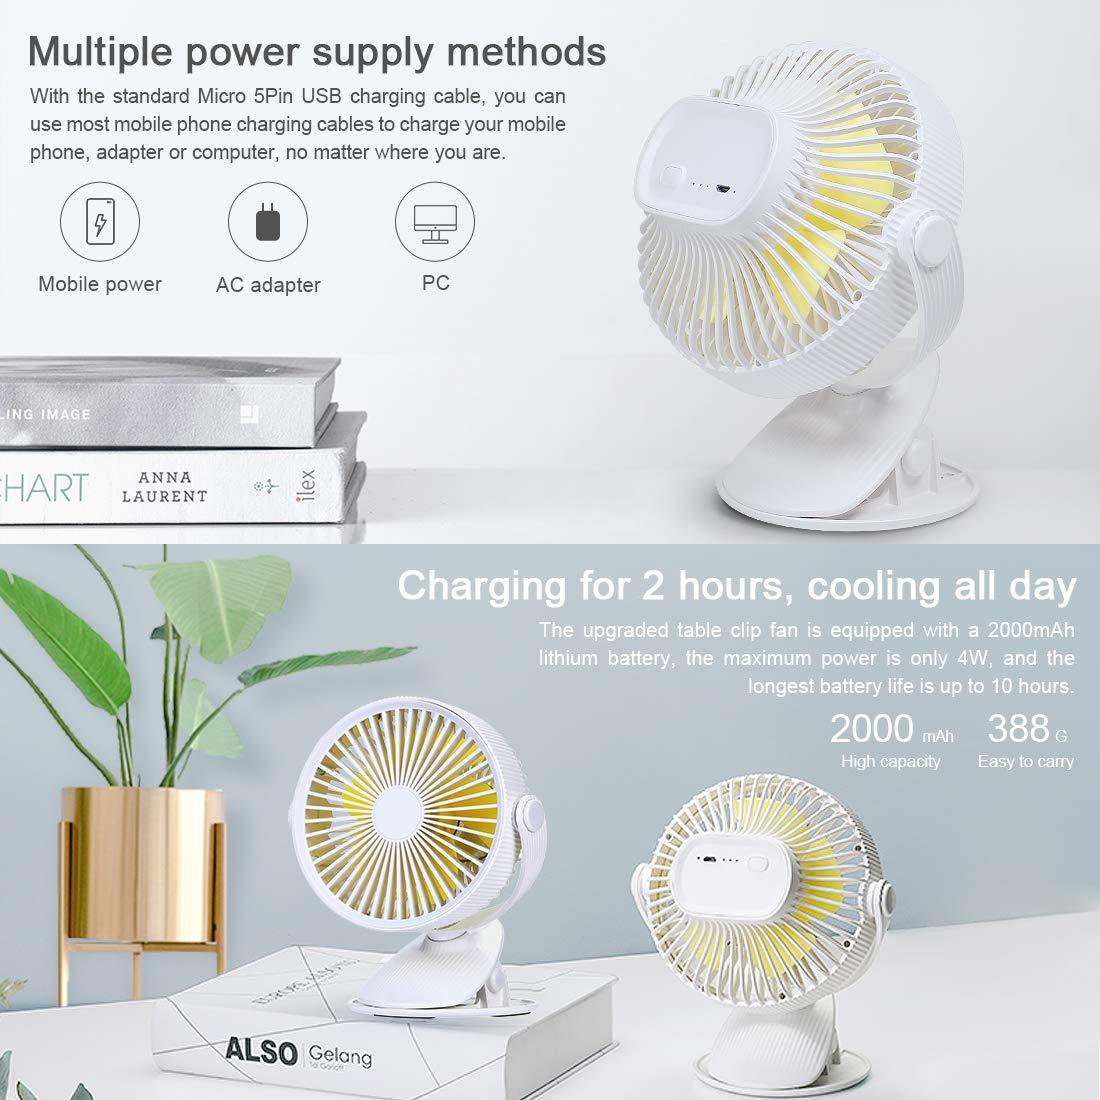 Gocheer Tisch Ventilator leise Kleiner,Ø 15cm 2000mAh 9W Ventilator nachtmodus,Grow lüfter Cooling Fan standventilator leise Schlafzimmer Ventilator Turm weiß für Büro, Schlafzimmer, Camping